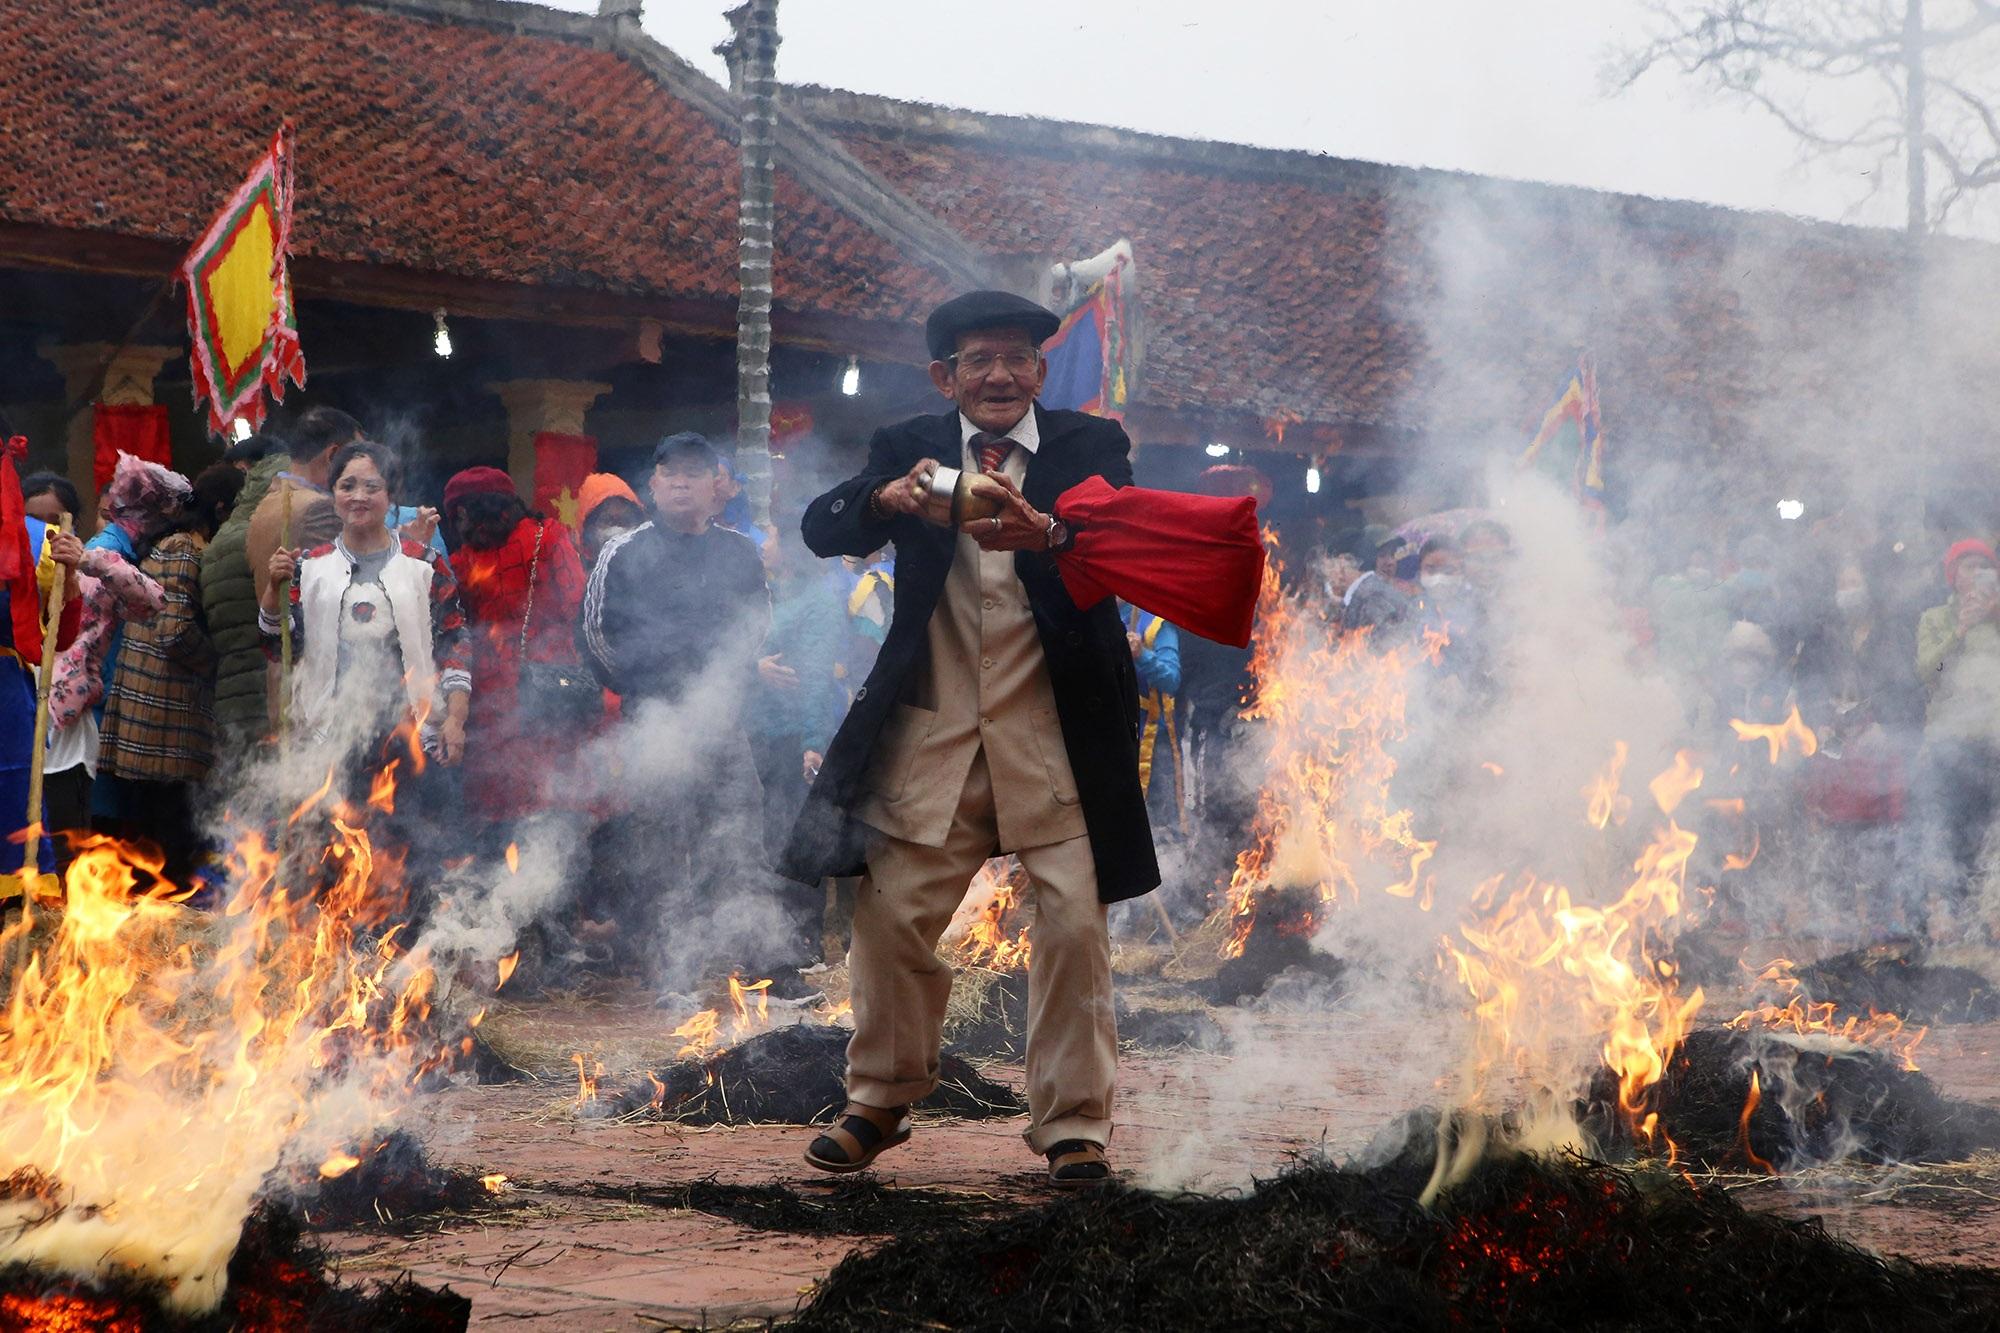 Hình ảnh đặc biệt trong lễ thổi cơm cổ xưa ít phút trước lệnh cấm vì virus corona - 10